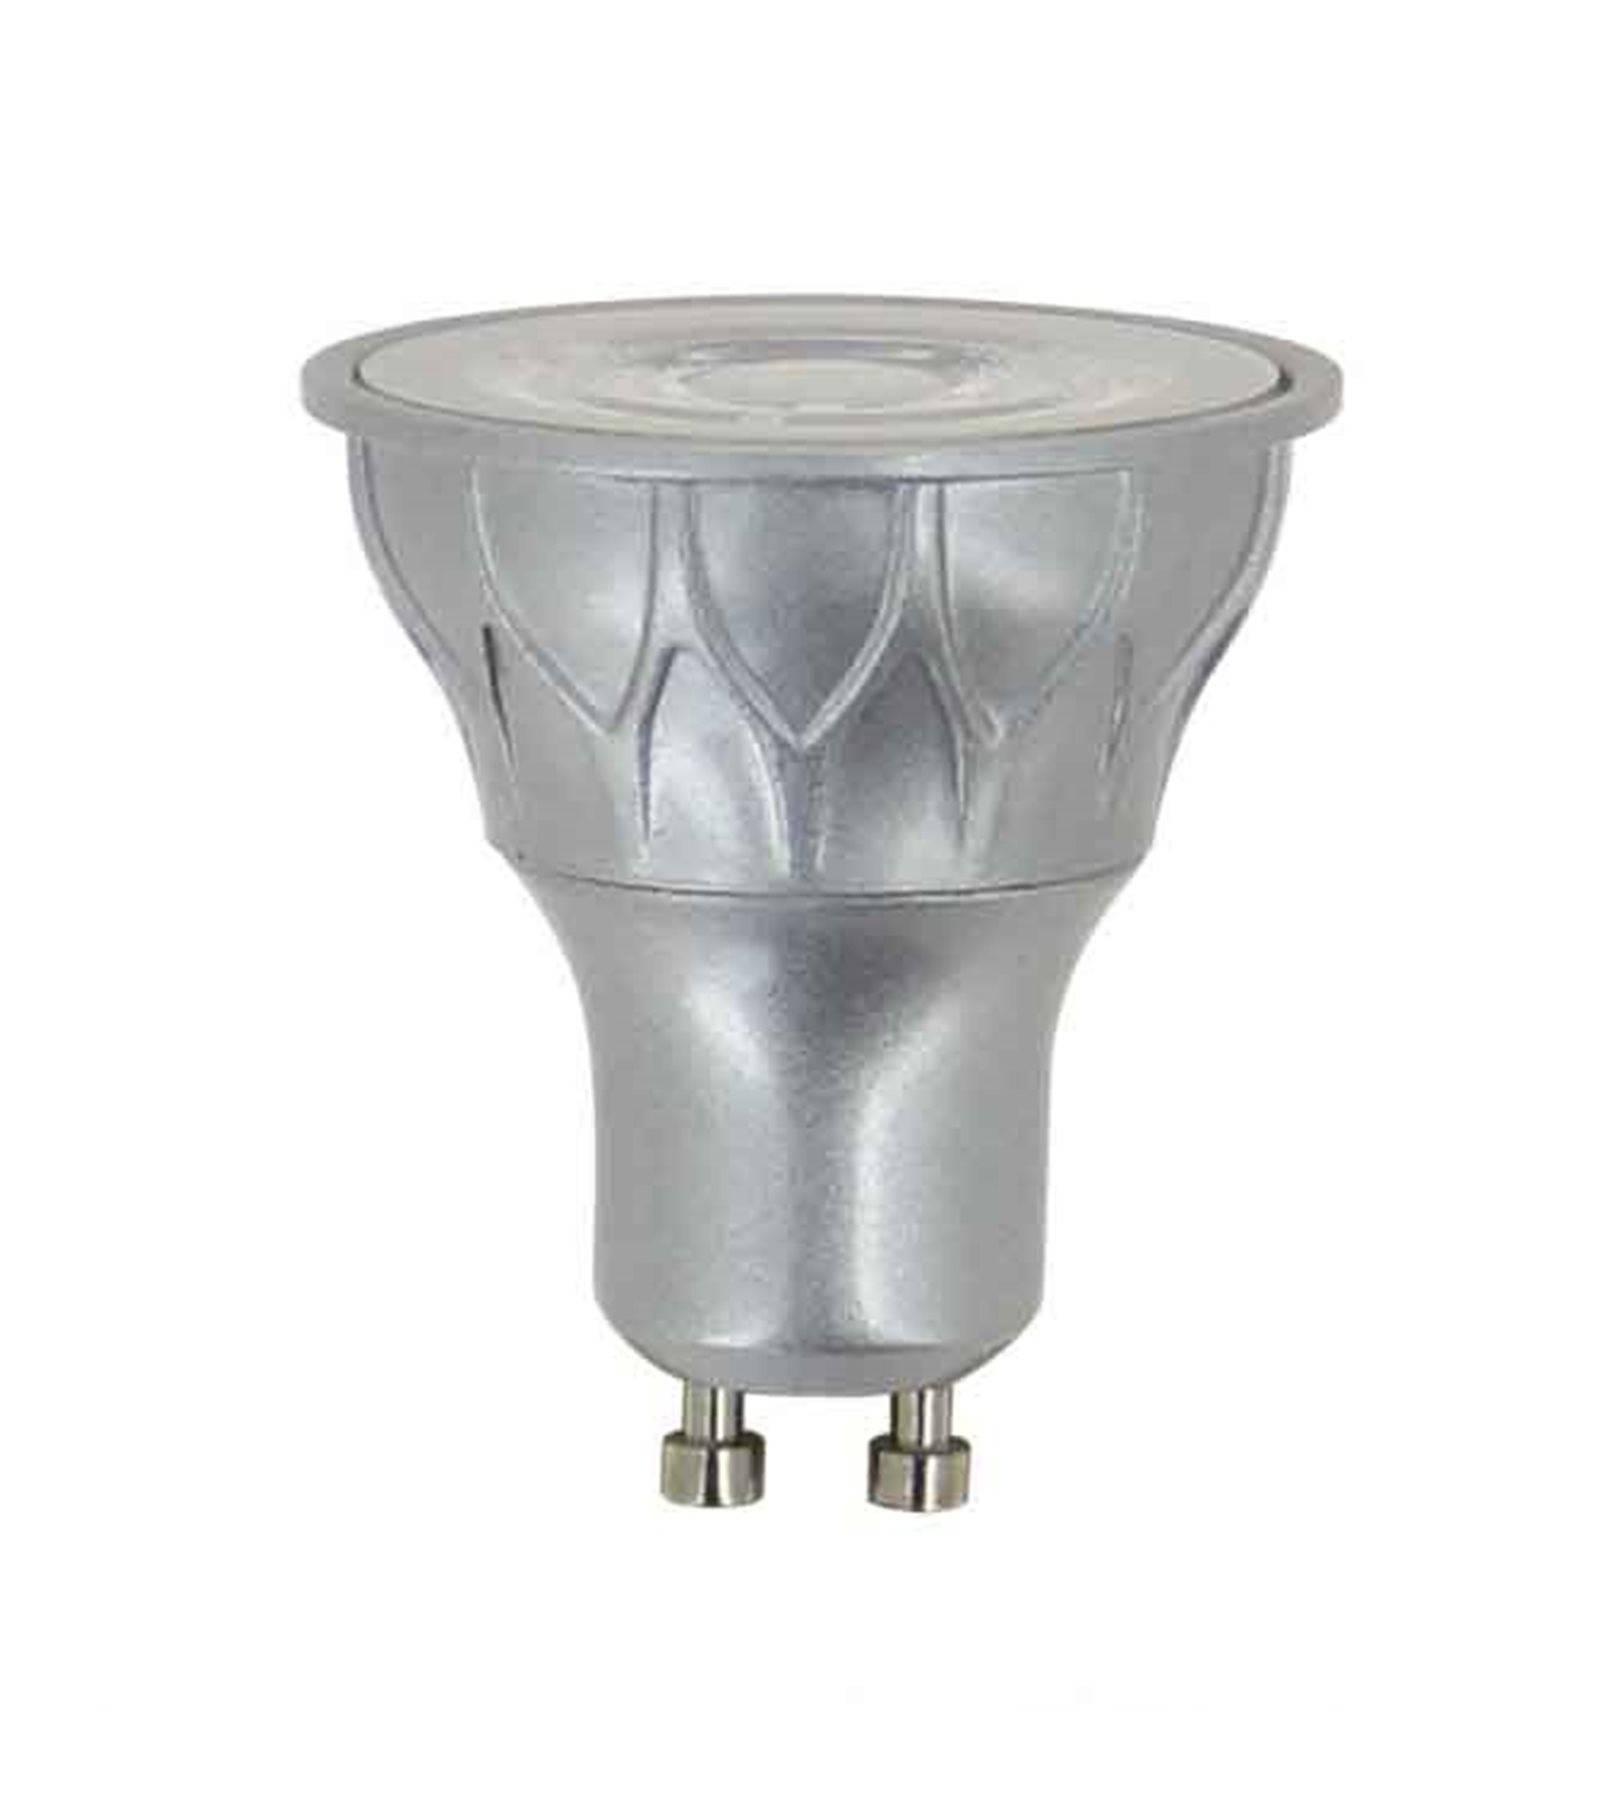 Led Xanlite 75wBlanc 60° 5w 520lméquiv Gu10 7 Chaud Mg75s Ampoule Smd 3jA54RL